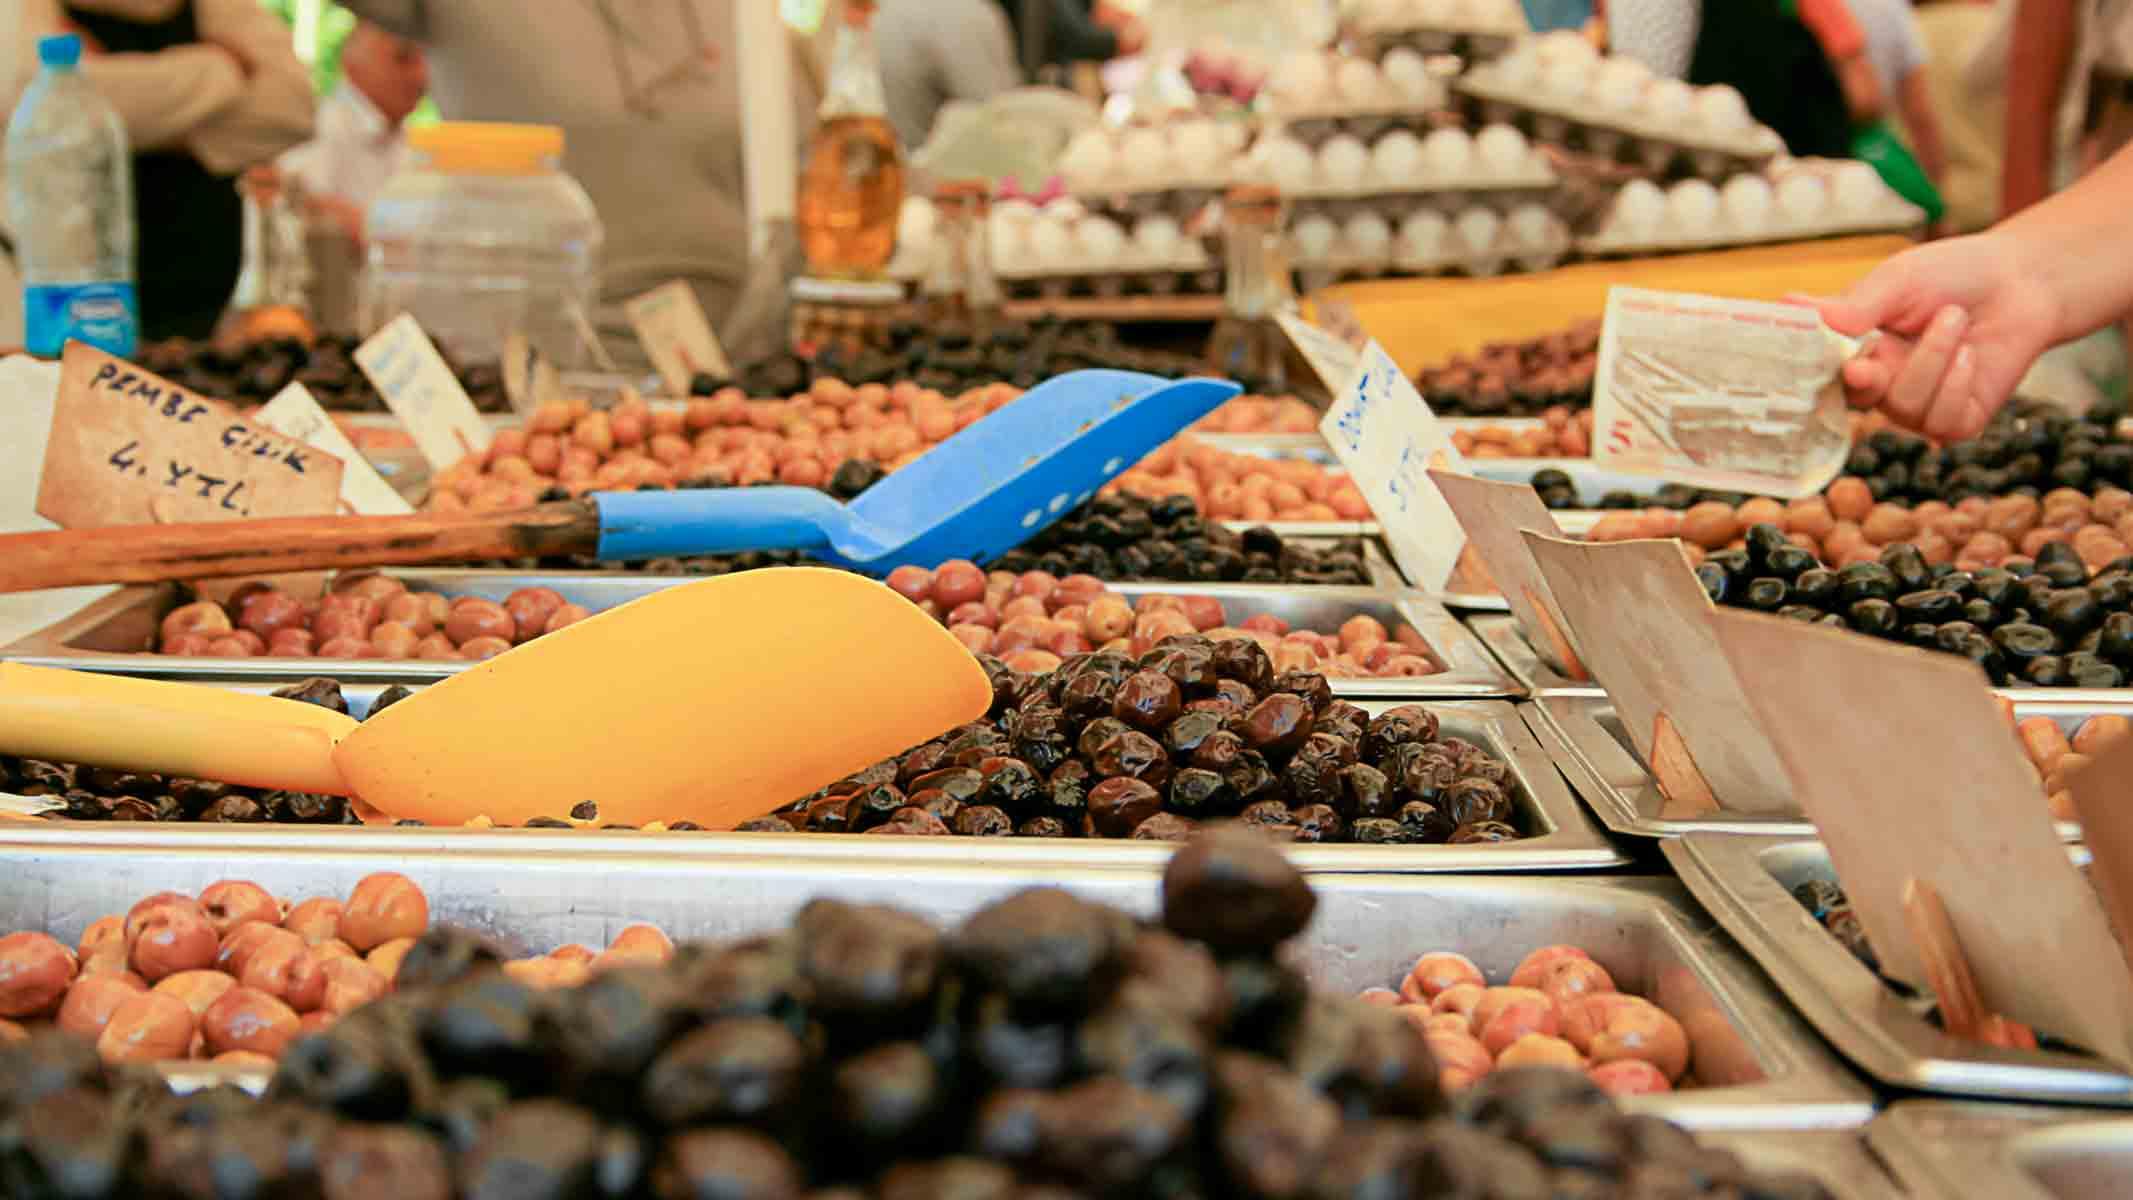 Oliven aus einem türkischen Markt, Warenkunde, verschiedene Olivensorten bei einem türkischen Frühstück, Kuru Sele, Zeytin, Marmarabirlik, kuru sele, siyah zeytin, schwarze, grüne, lila, Oliven, trocken gesalzen, salzen, einlegen, türkische, türkisches,